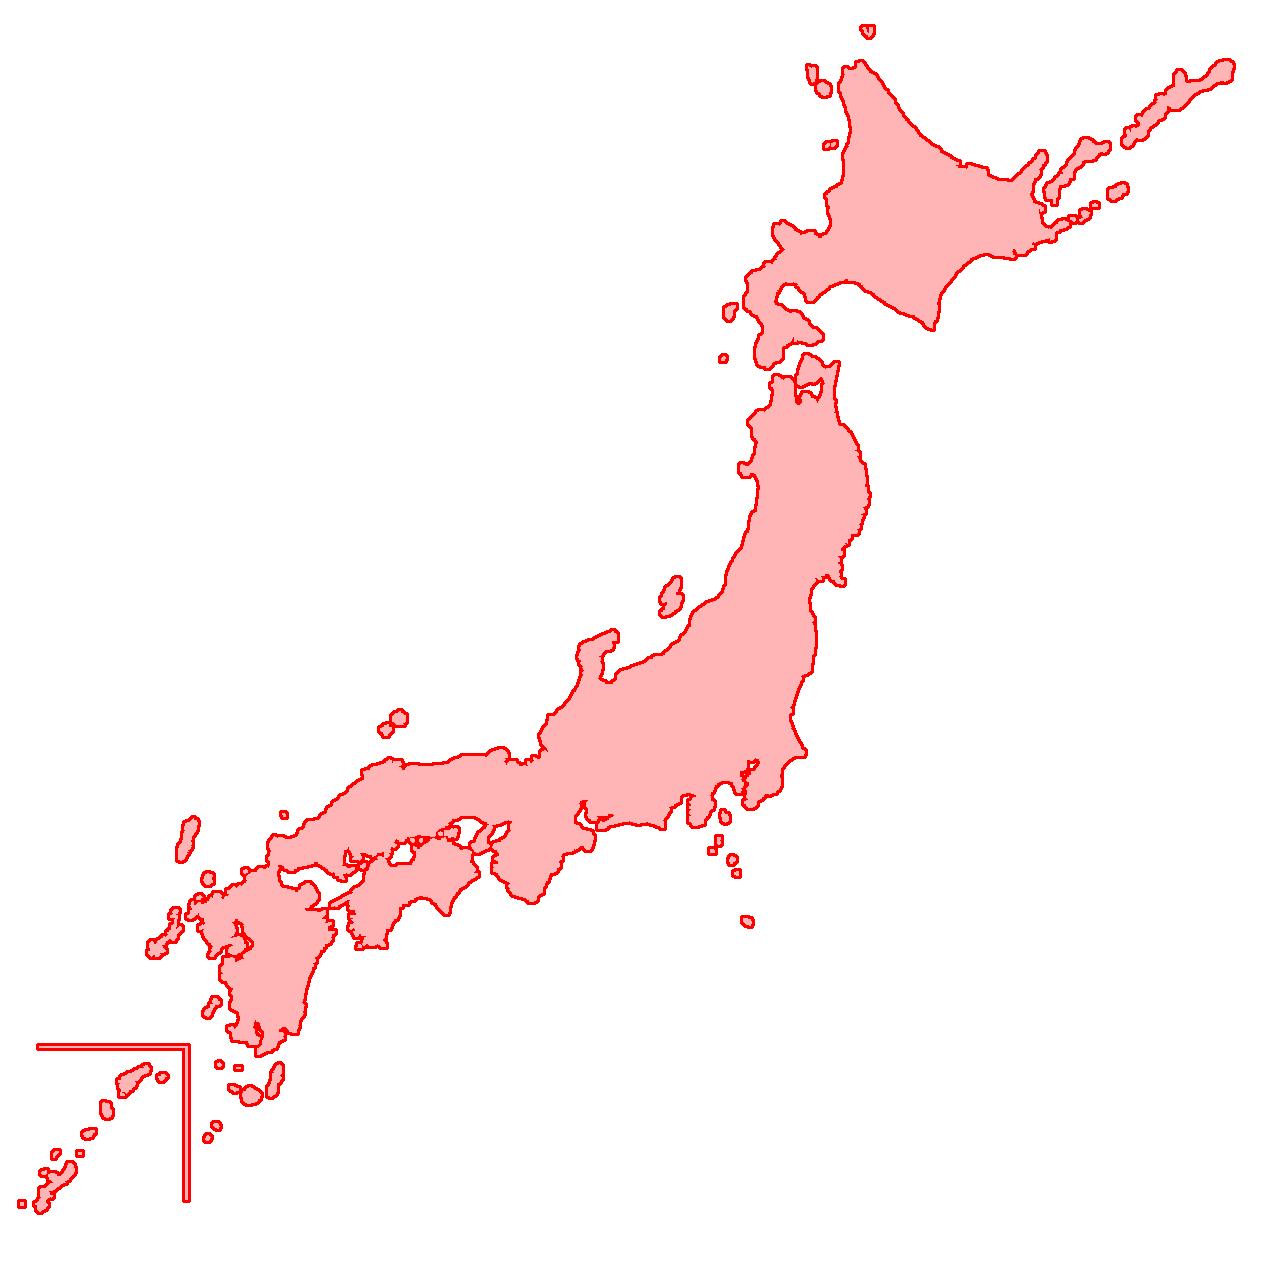 日本地図 - Google 検索